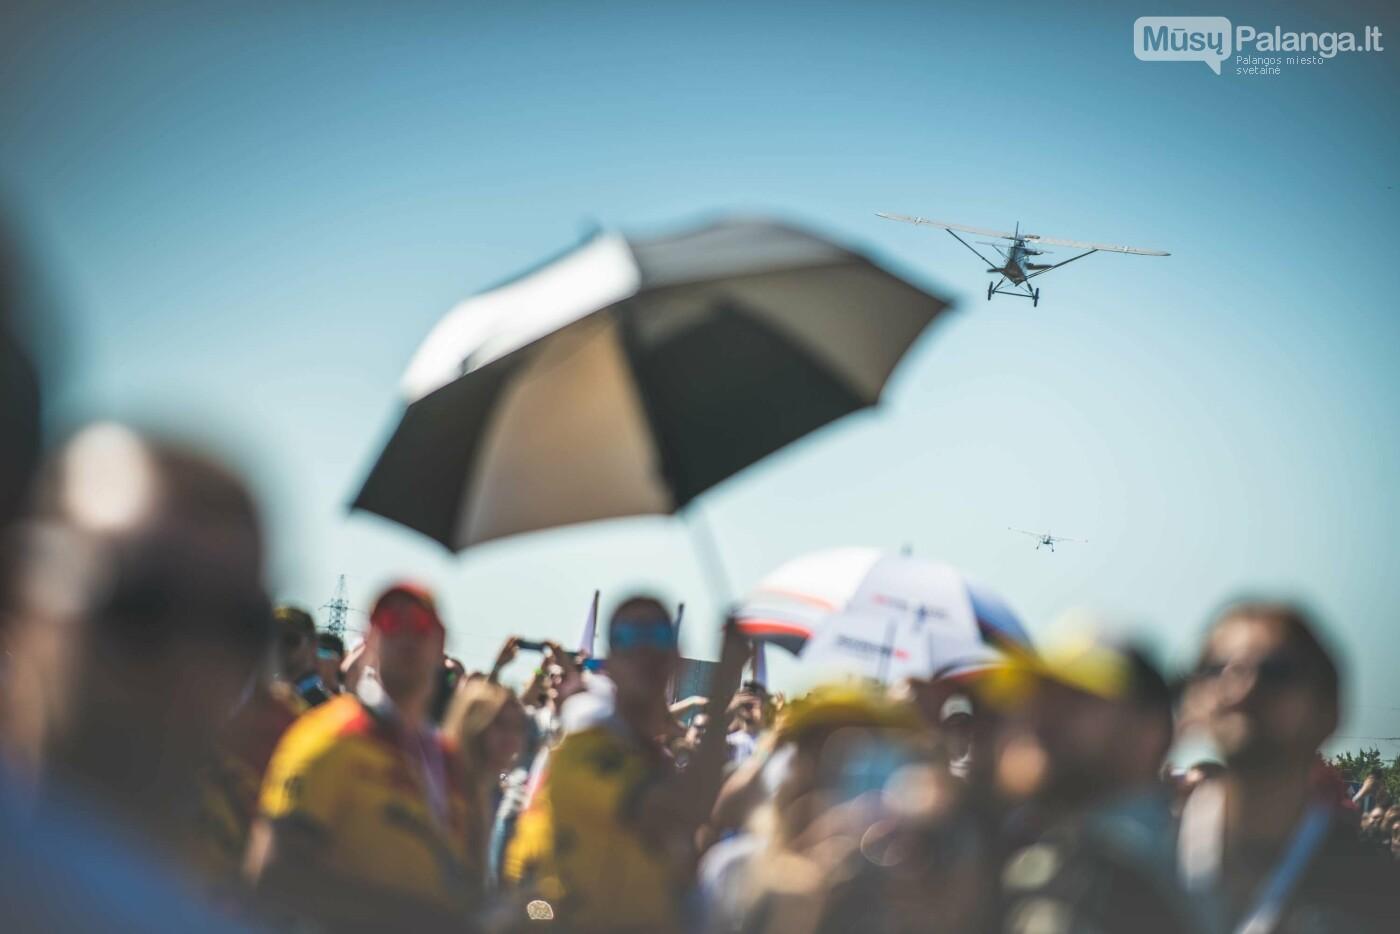 """Palangoje startavo """"Aurum 1006 km"""" lenktynės, nuotrauka-14, Vytauto PILKAUSKO ir Arno STRUMILOS nuotr."""